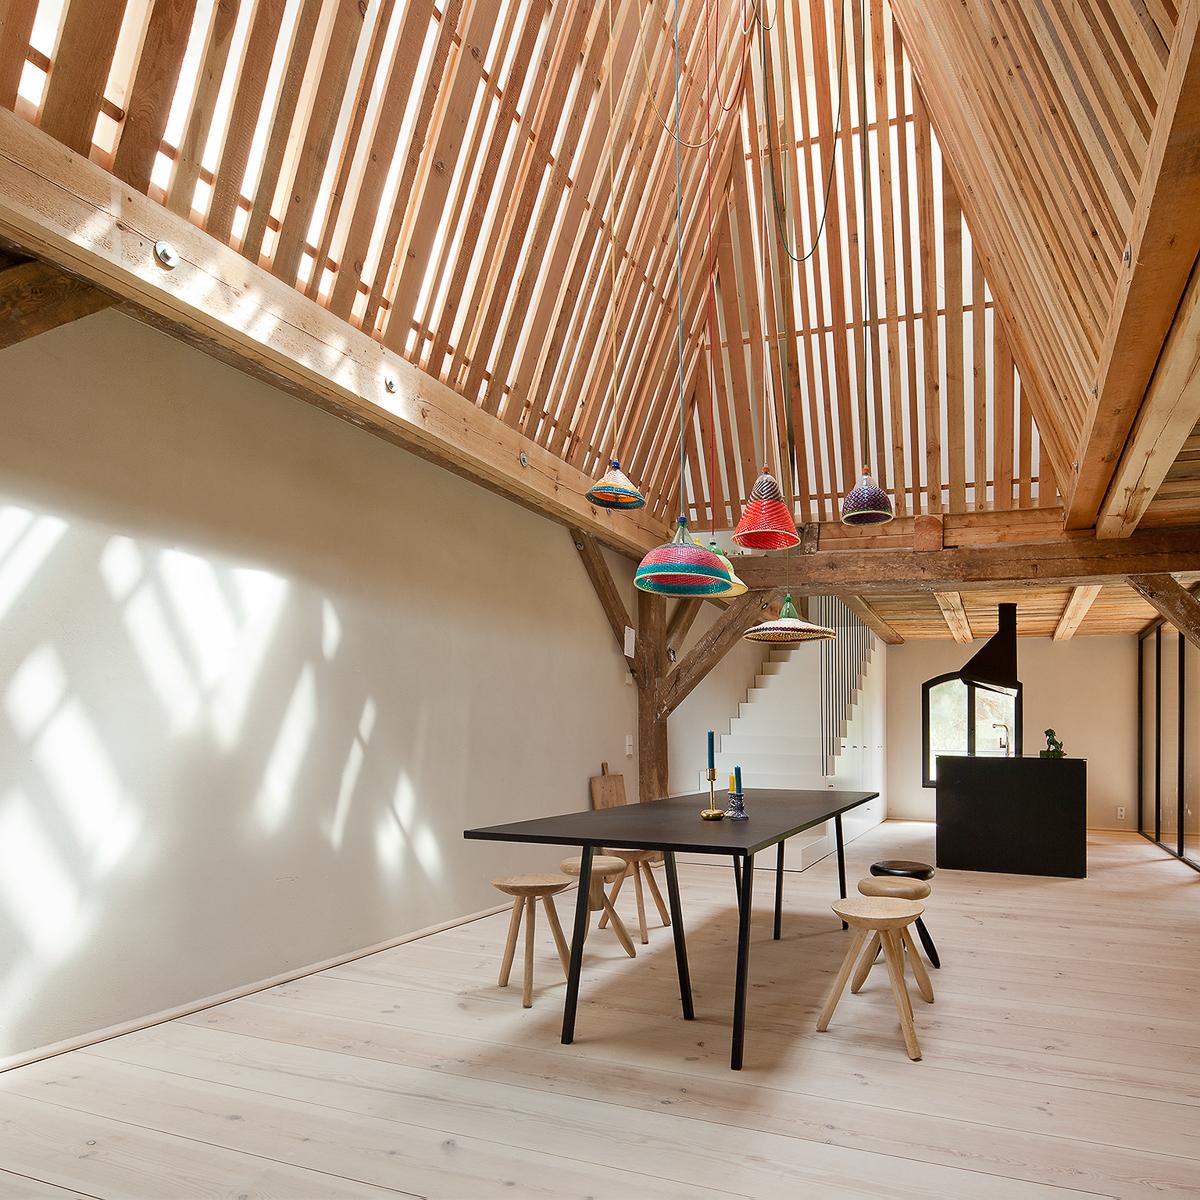 ferienwohnung rote scheune in der uckermark berlin. Black Bedroom Furniture Sets. Home Design Ideas